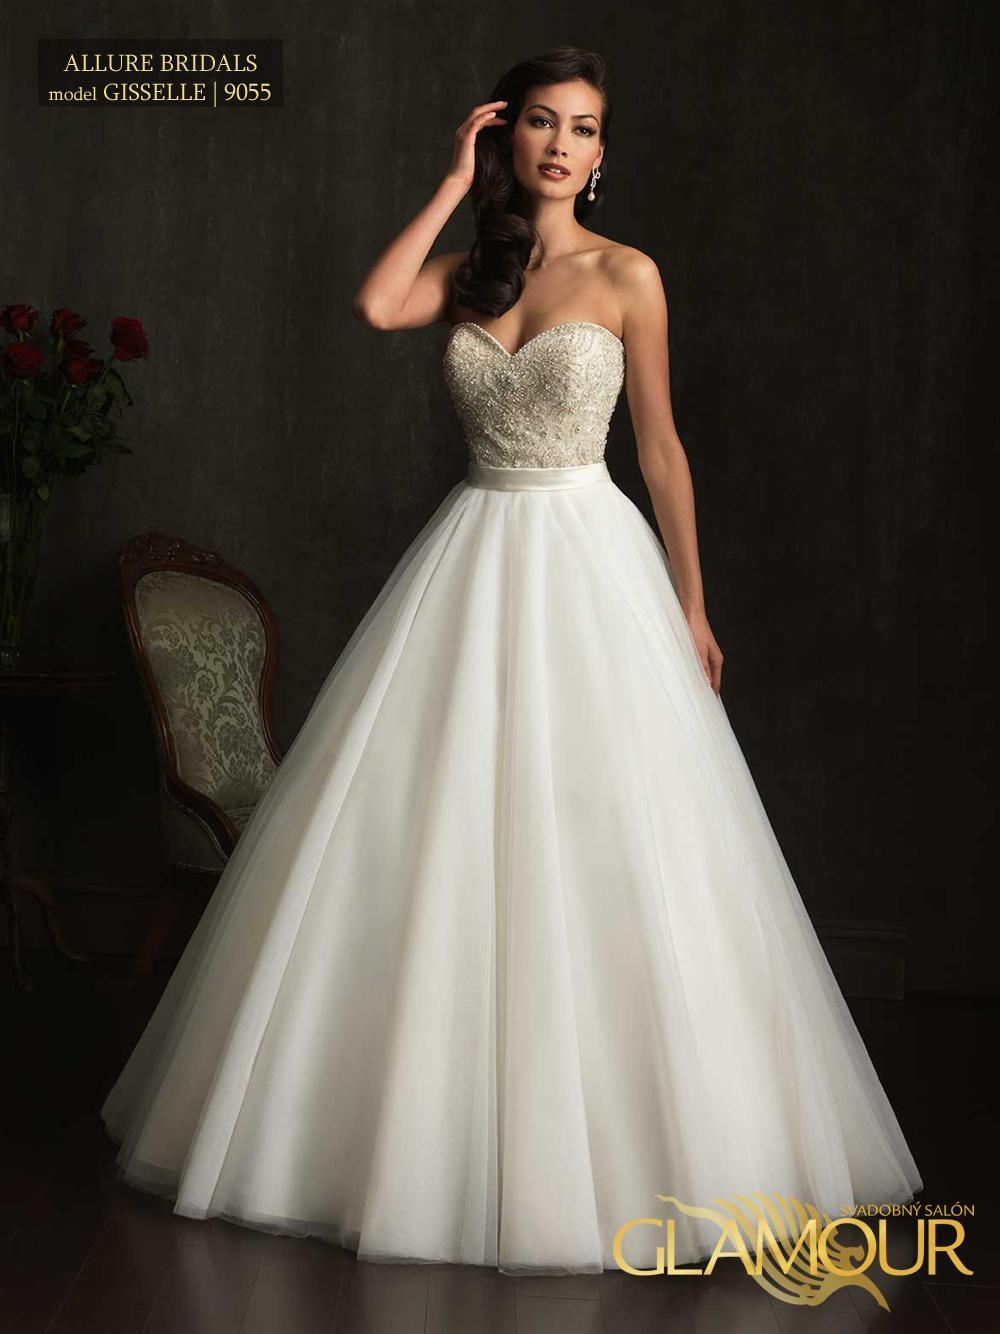 Nova kolekcia Allure Bridals 2014 - Allure Bridals model Gisselle